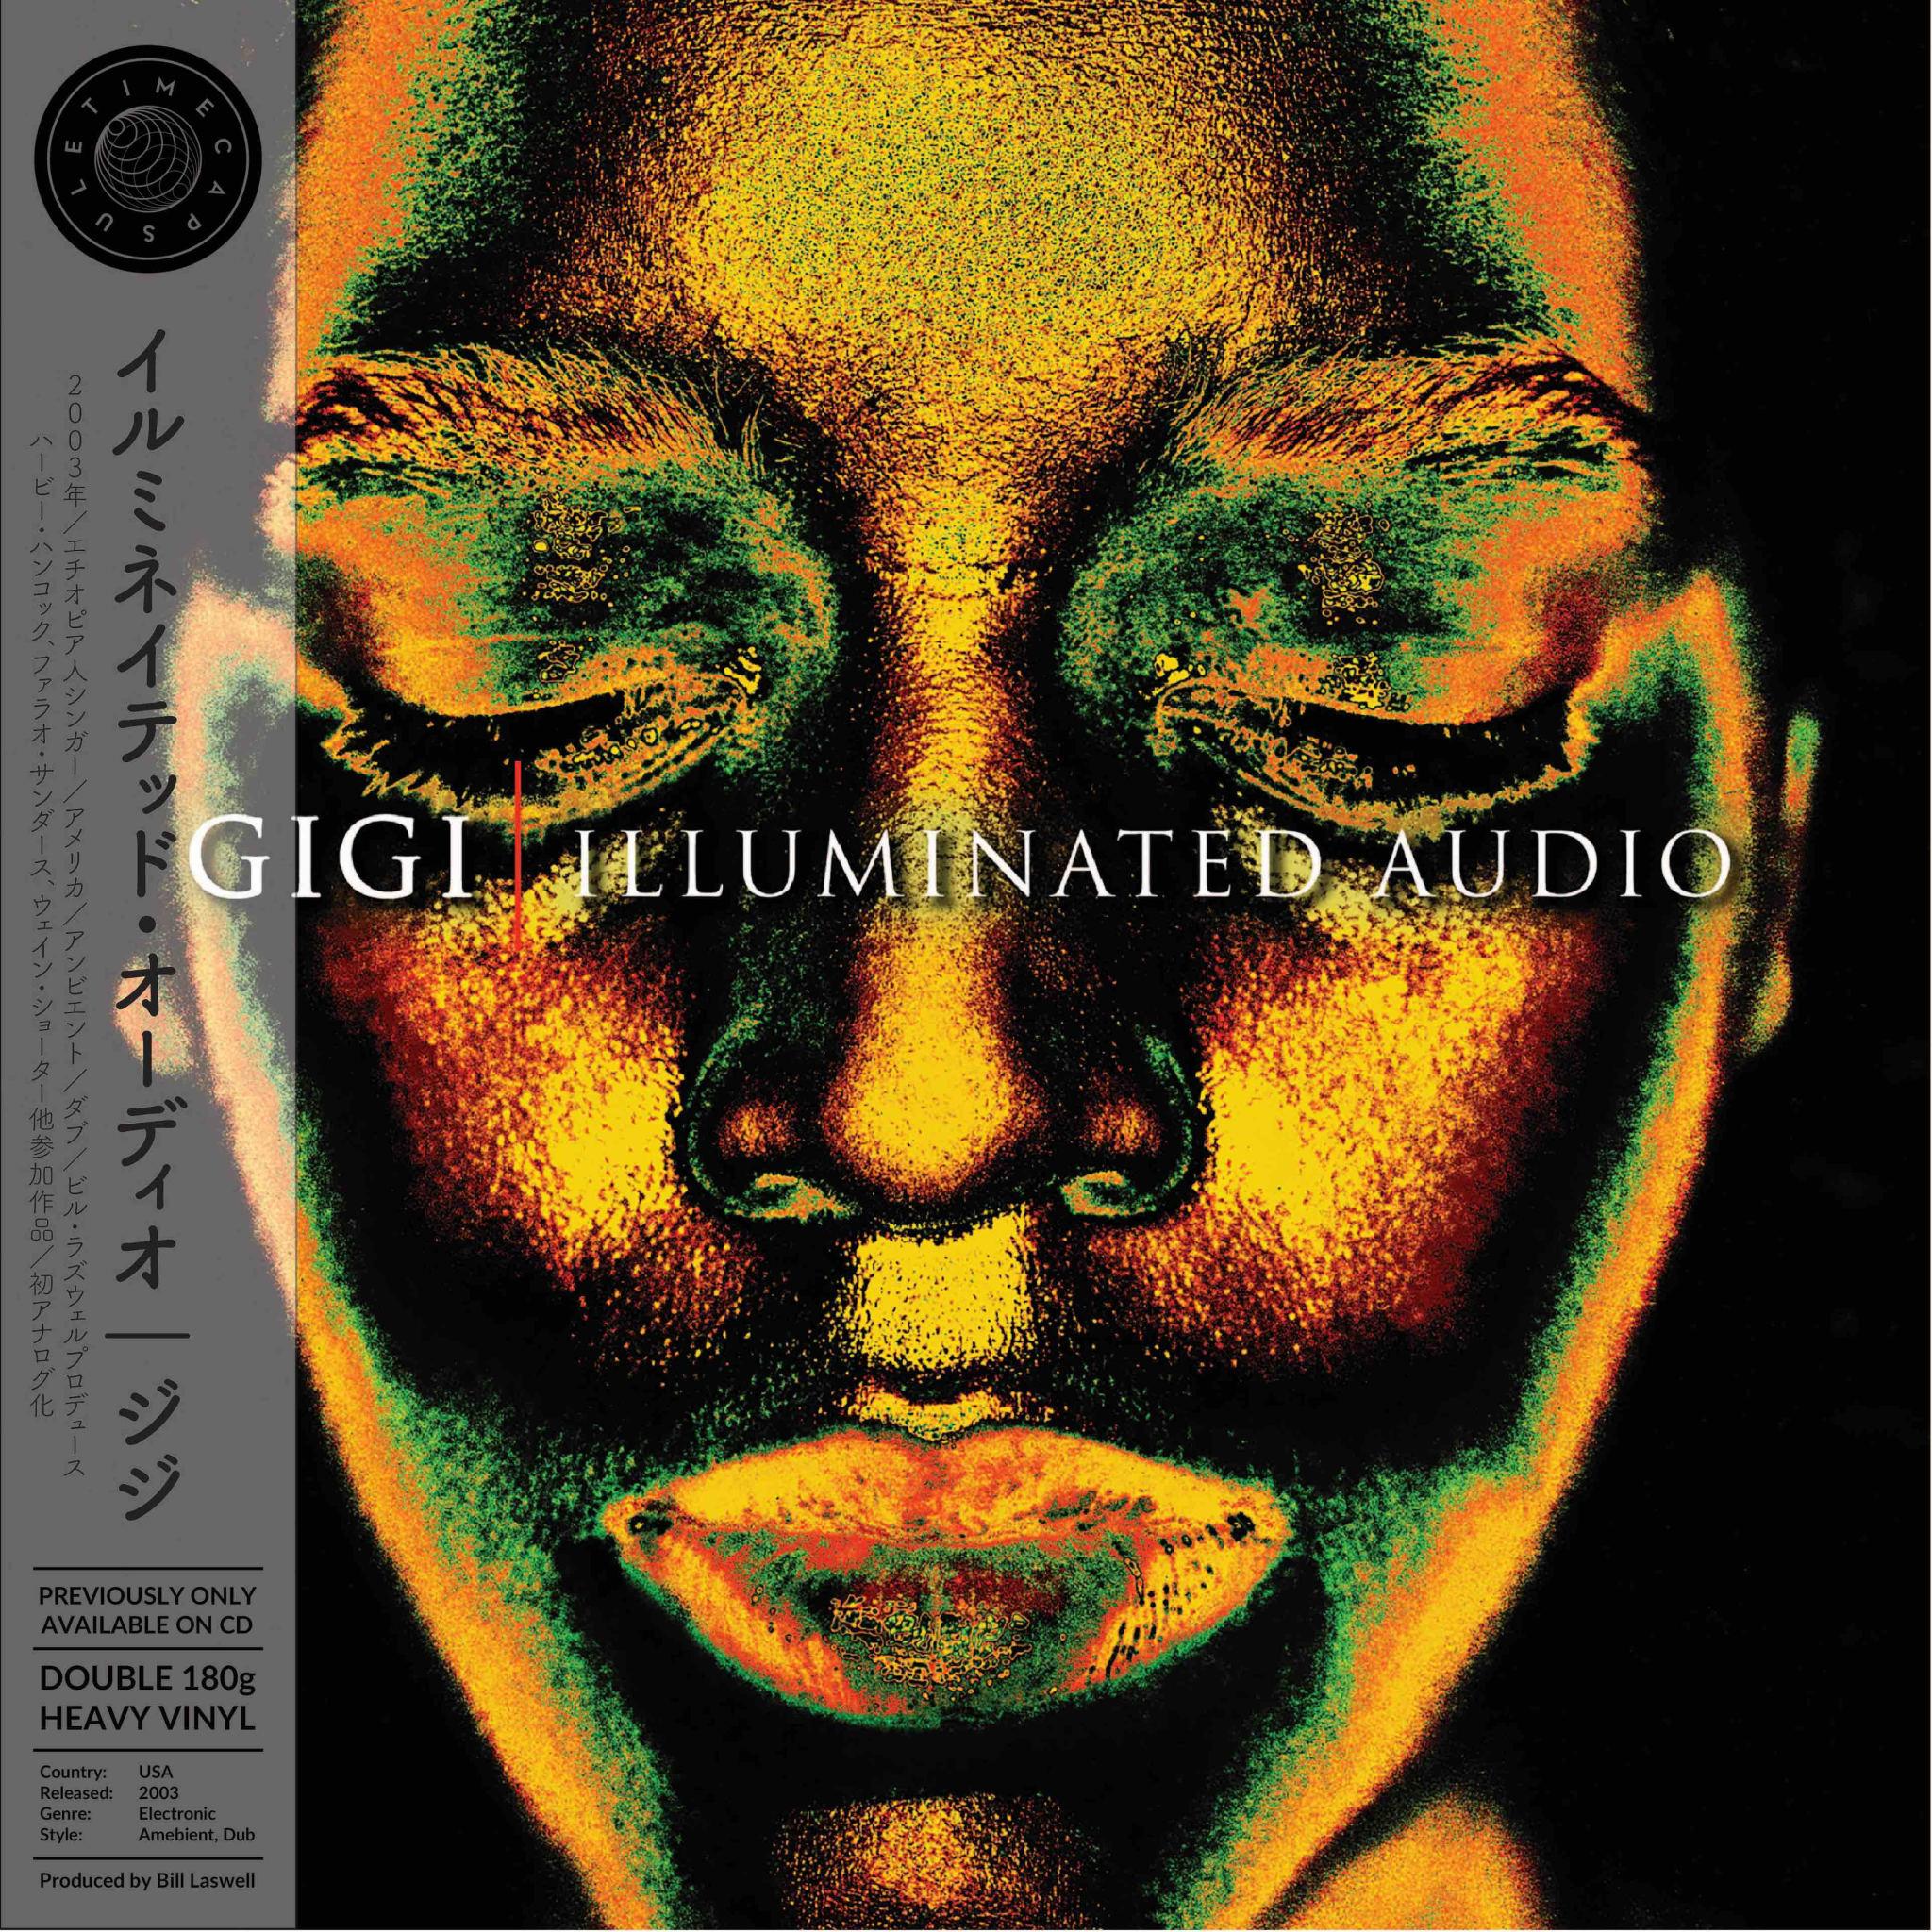 Time Capsule Gigi - Illuminated Audio